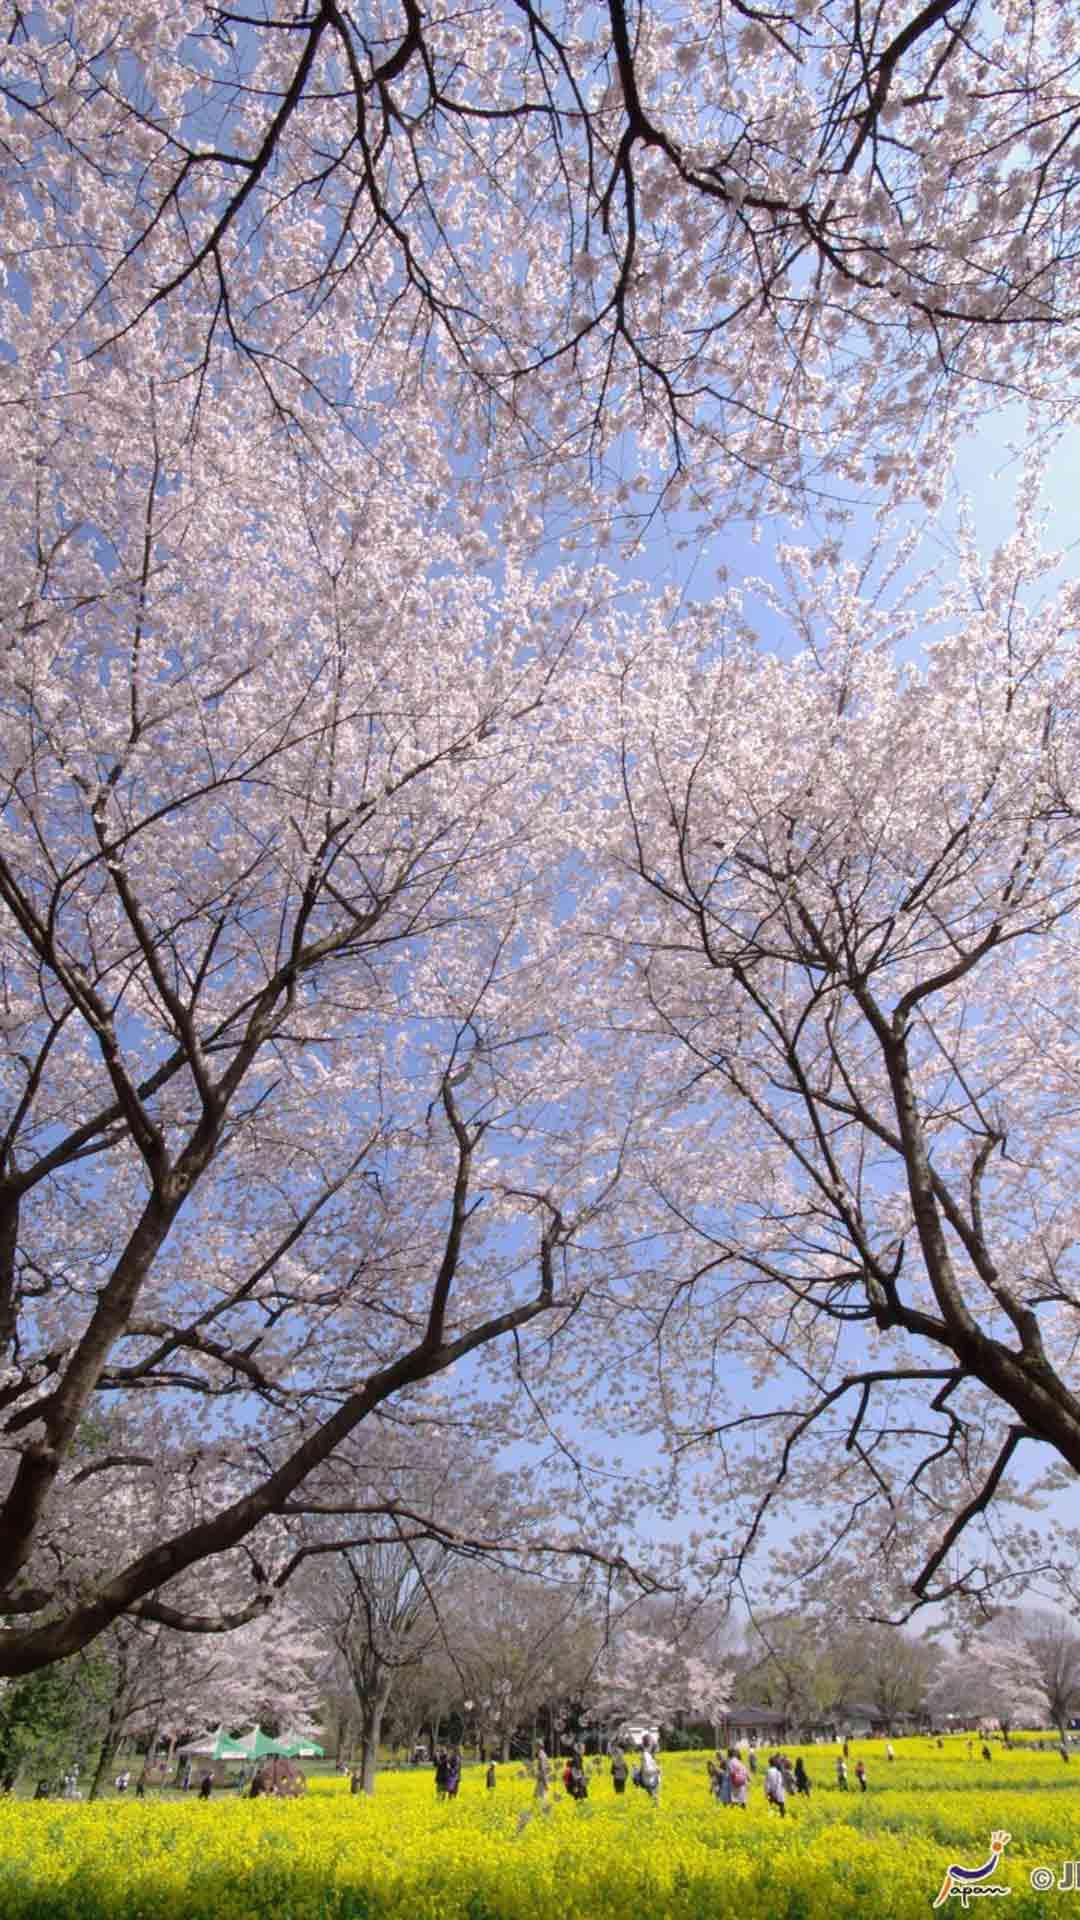 壁纸 花 树 桌面 1080_1920 竖版 竖屏 手机